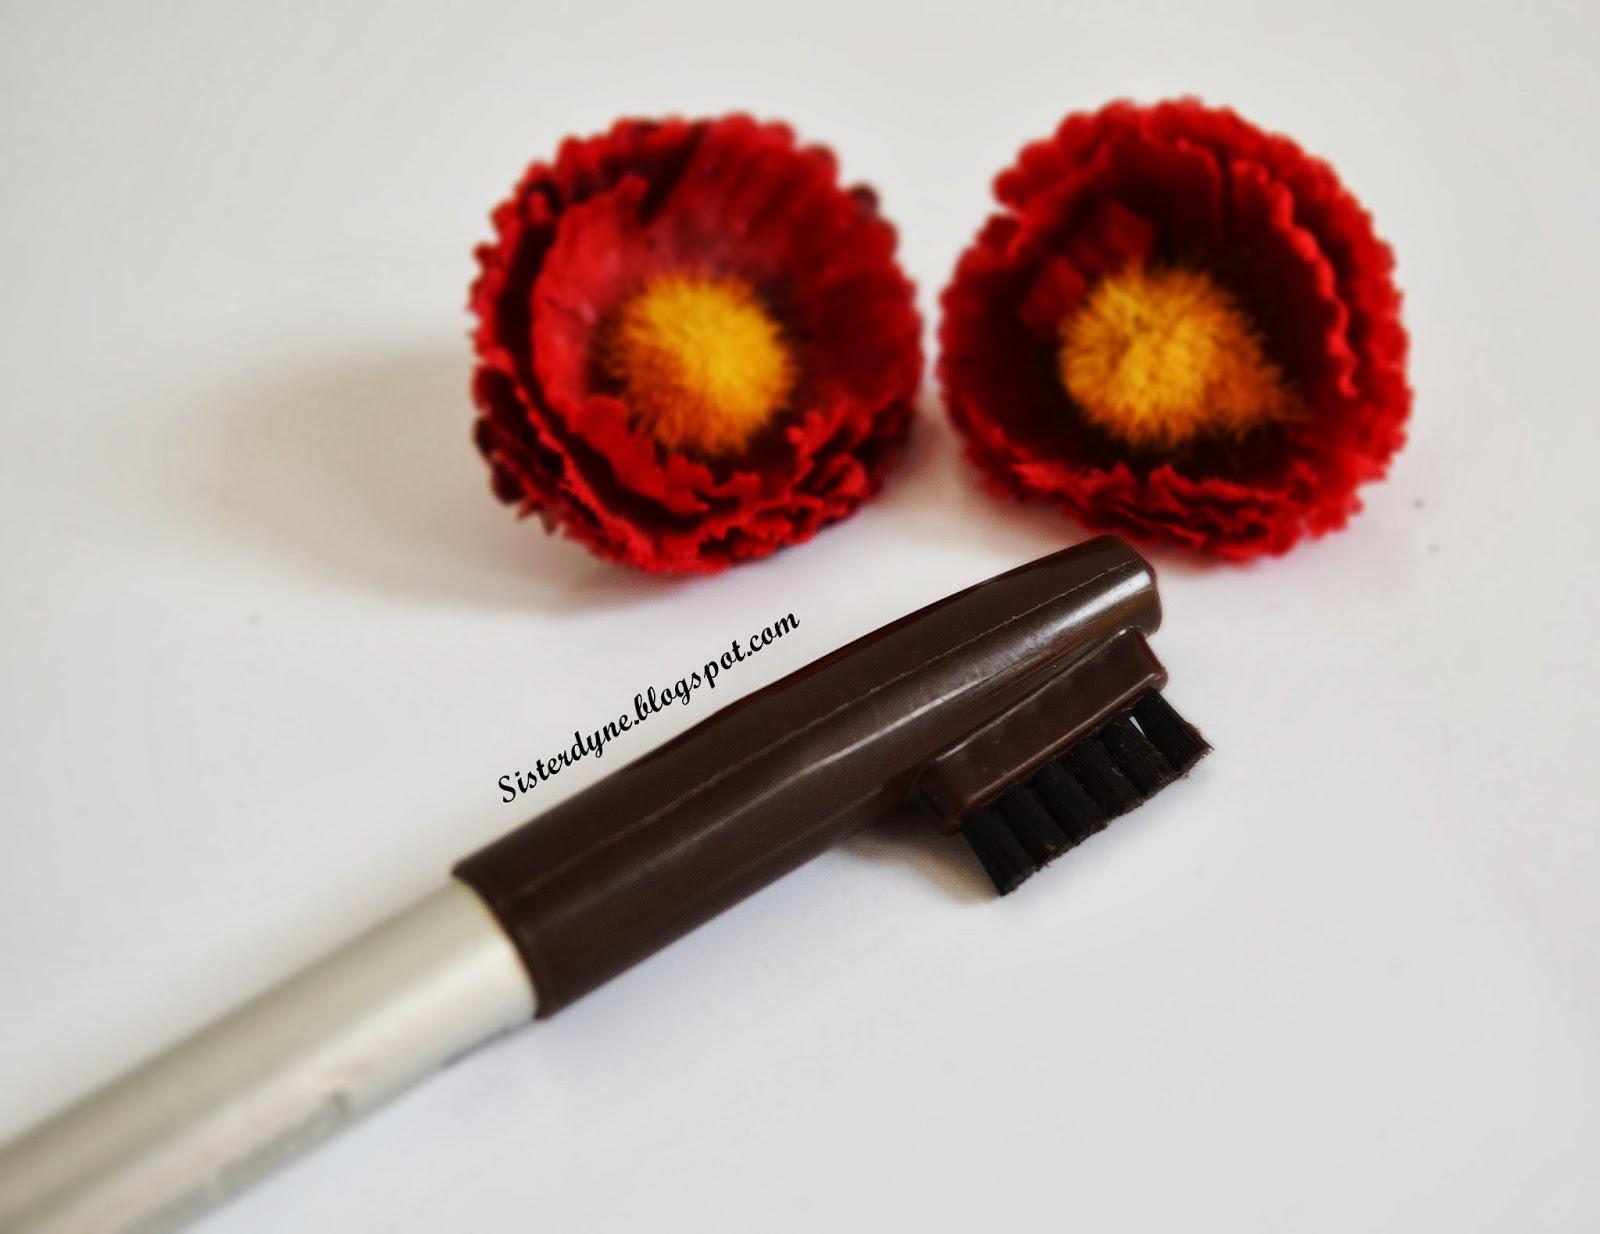 Da Sisters Blog Review Tutorial Eyebrow Favorit Wardah Eyebrowpensil Alis Brush Pencil